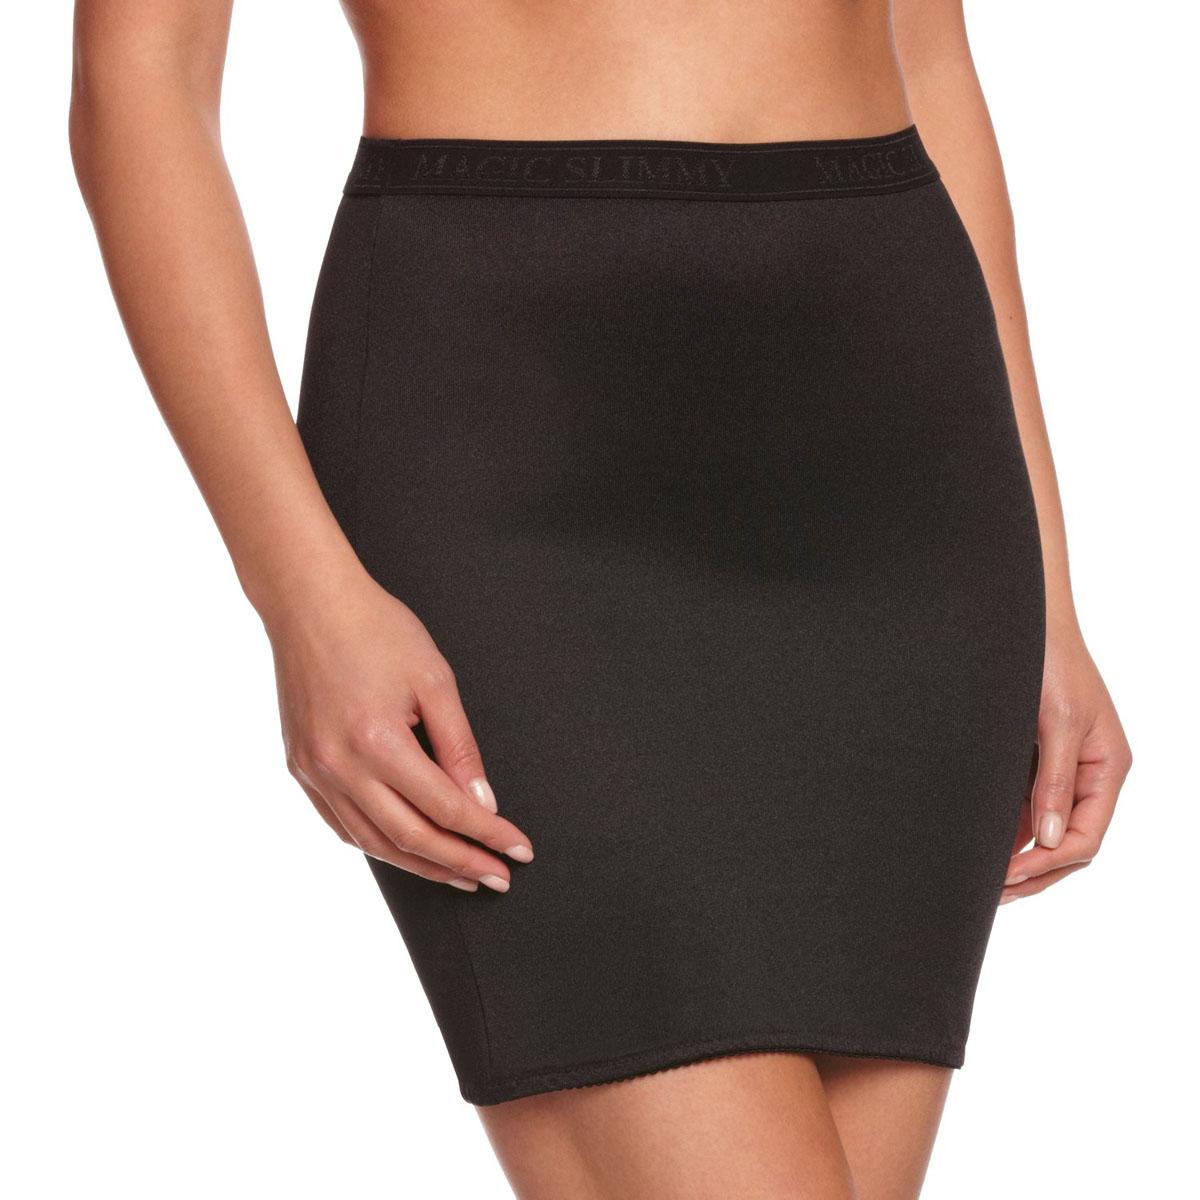 Юбка Magic BodyFashion Slimmy Skirt, корректирующая, цвет: черный. 10WL. Размер M (46)10WLКорректирующая юбка Magic BodyFashion Slimmy Skirt очень удобная и комфортная в носке, идеально подходит для коррекции нижней части тела. Юбка уменьшает в объеме бедра и сглаживает ягодицы. Эта модель имеет вставку-трусики, что делает ее очень практичной в носке.Крой юбки необычен, благодаря чему ее невозможно заметить под любой одеждой, она практически не ощущается на коже, позволяет чувствовать себя комфортно и легко. Изделие позволяет приобрести выразительные линии своего тела за считанные секунды (можно скрыть все лишнее).Белье Magic BodyFashion создано для тех, кто стремится к безупречности своего стиля. Именно благодаря ему огромное количество женщин чувствуют себя поистине соблазнительными, привлекательными и не на шутку уверенными в себе.